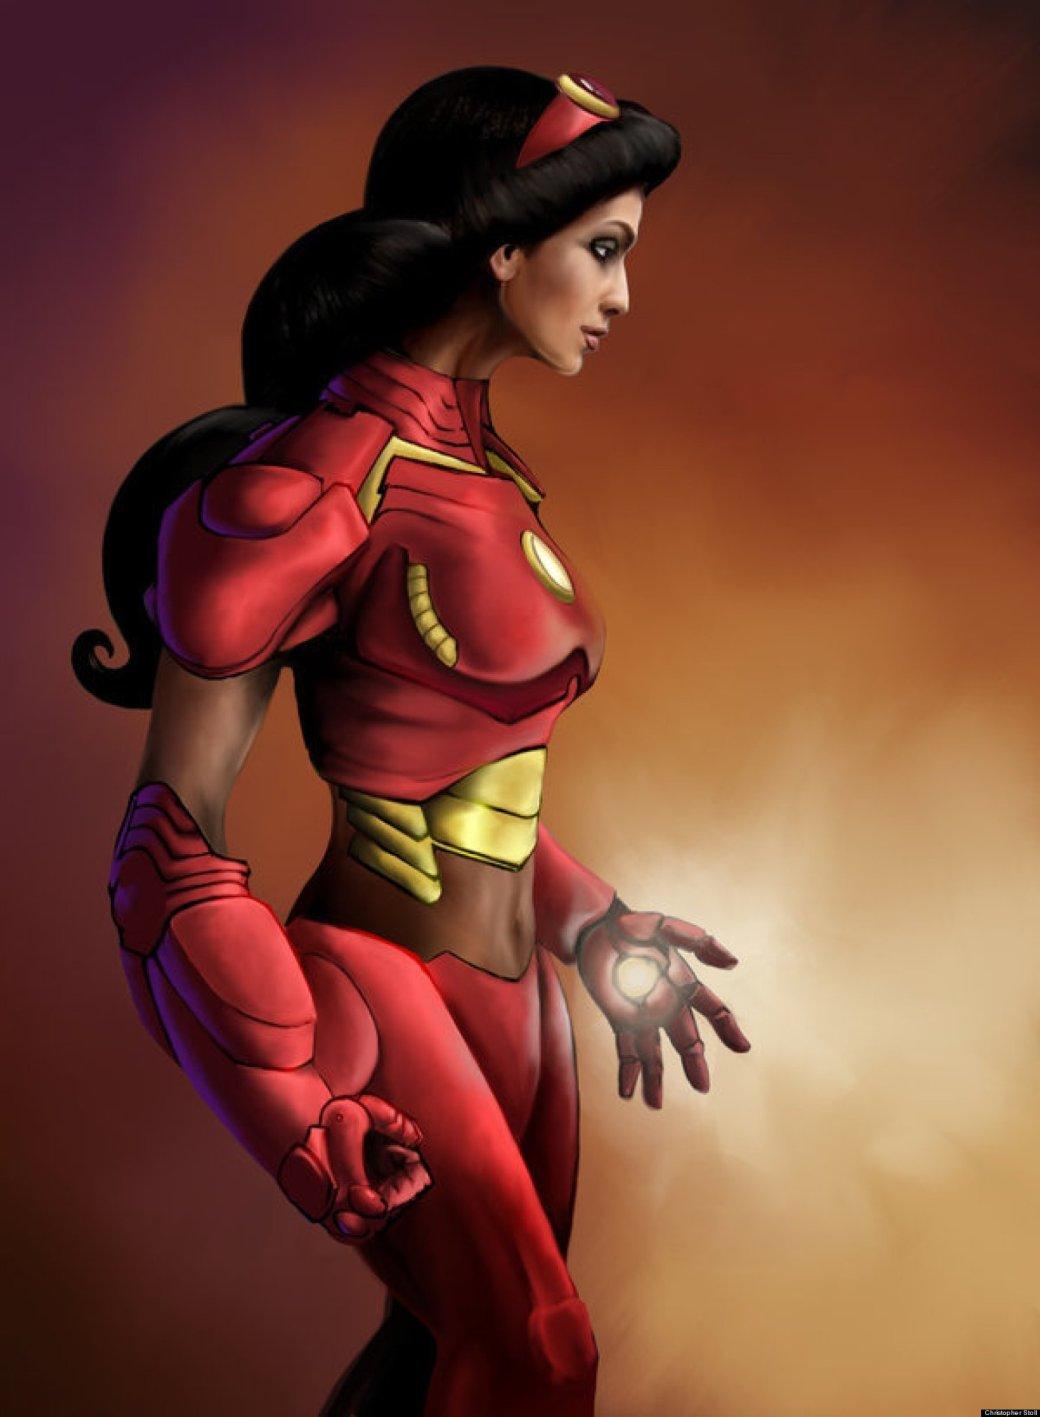 Галерея вариаций: Мстители-женщины, Мстители-дети... | Канобу - Изображение 24